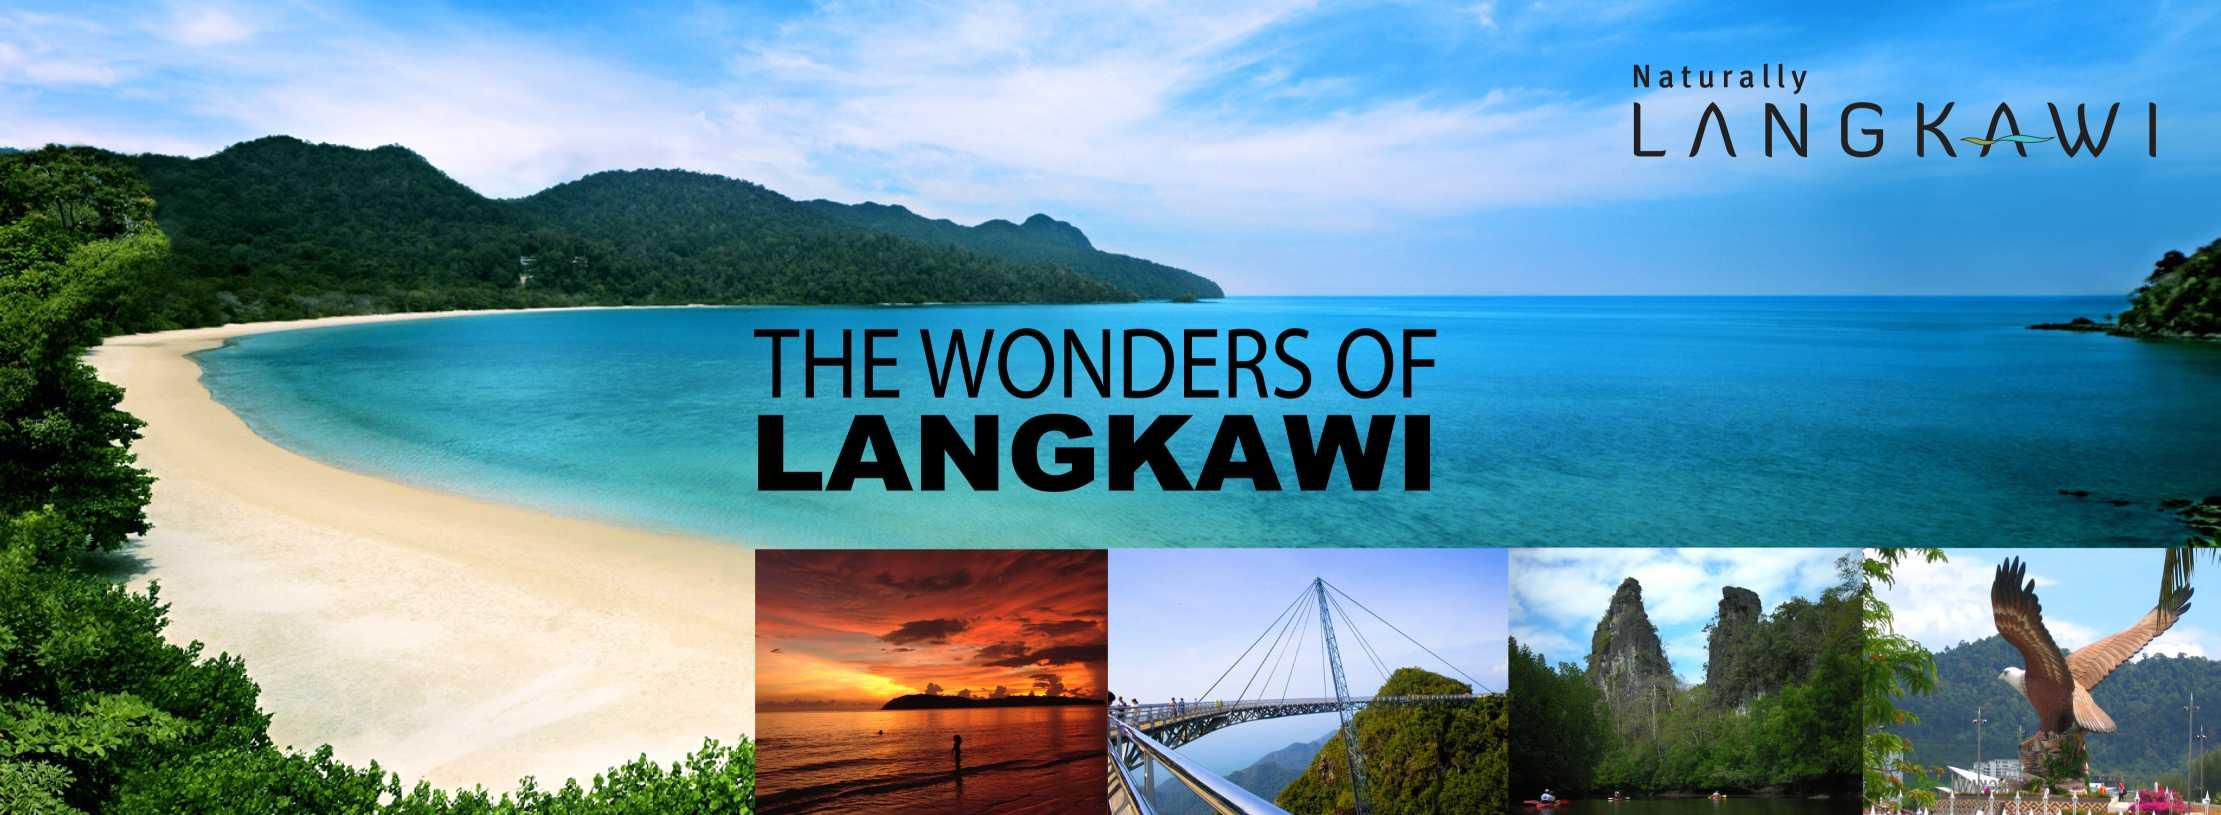 Naturally Langkawi • Pulau Langkawi, Malaysia - Travel